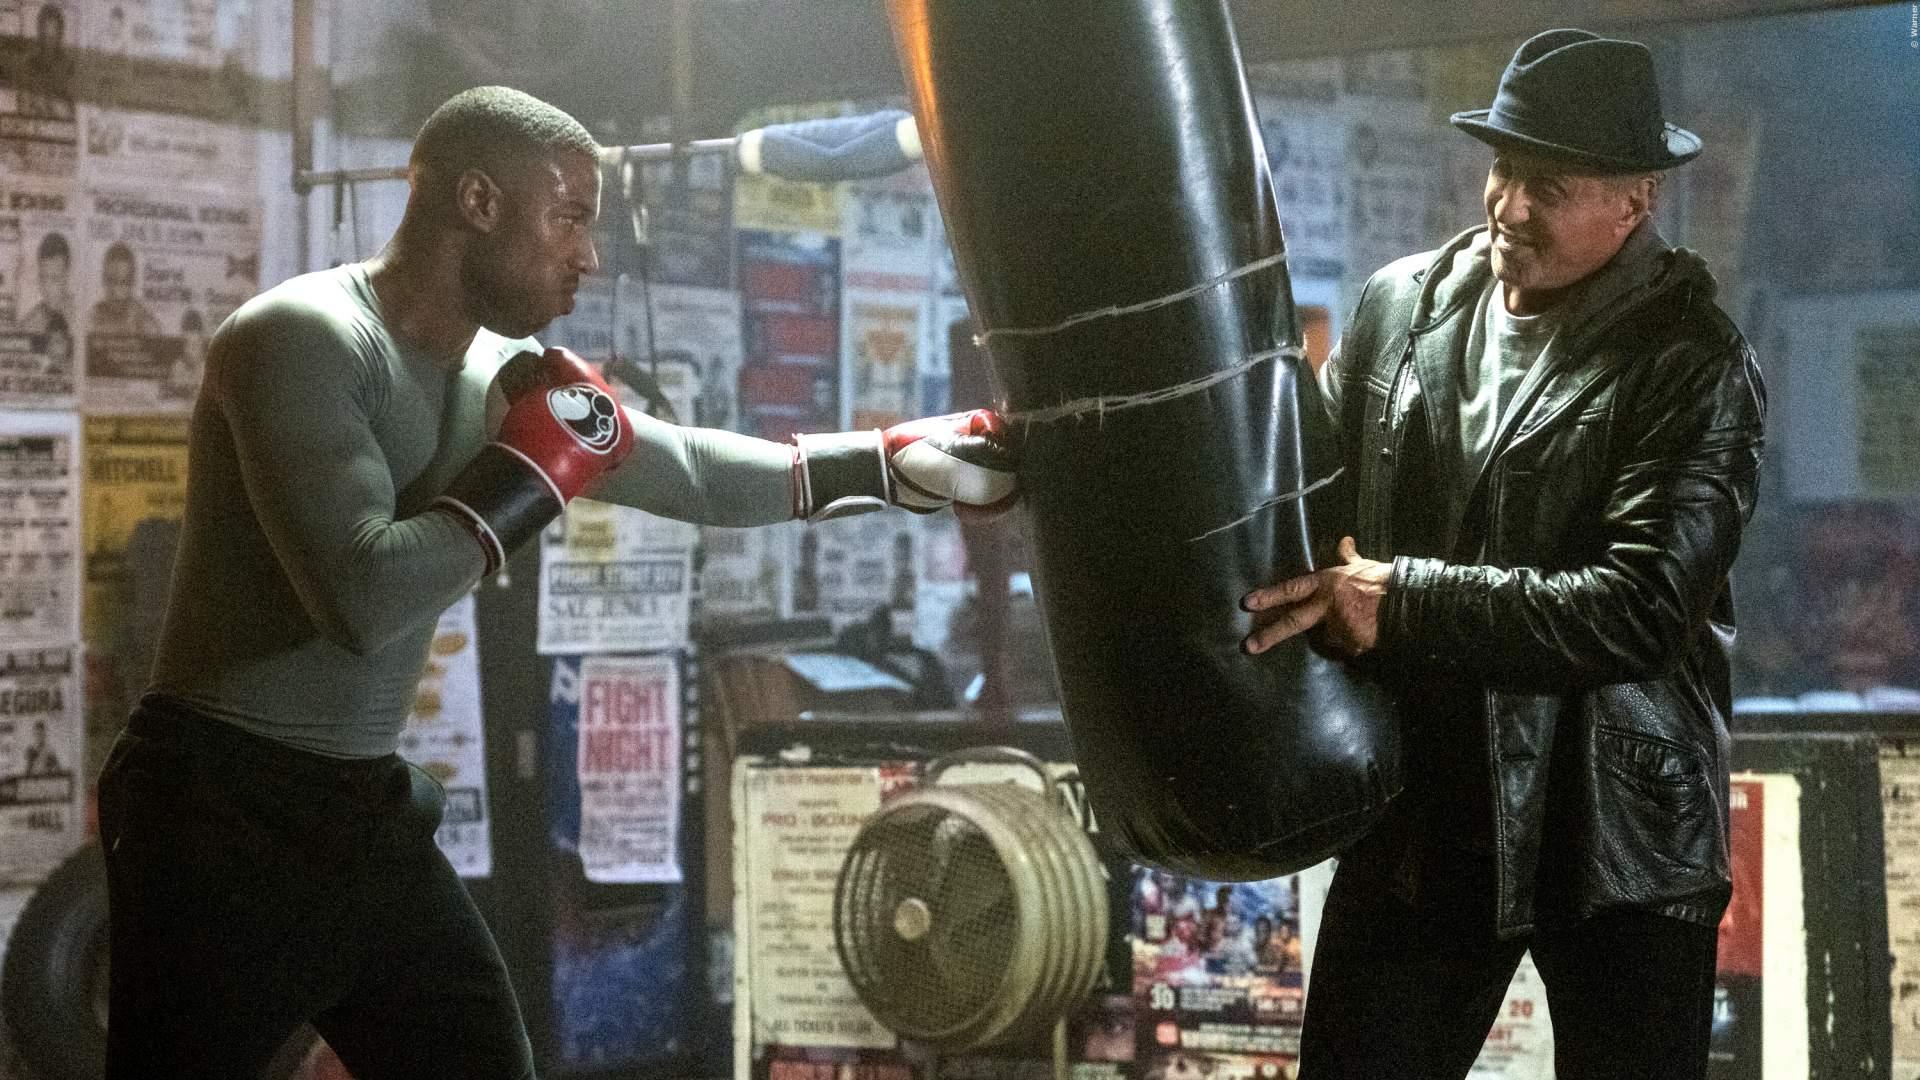 Creed 2: Erste offizielle Bilder mit Rocky Balboa - Bild 2 von 2